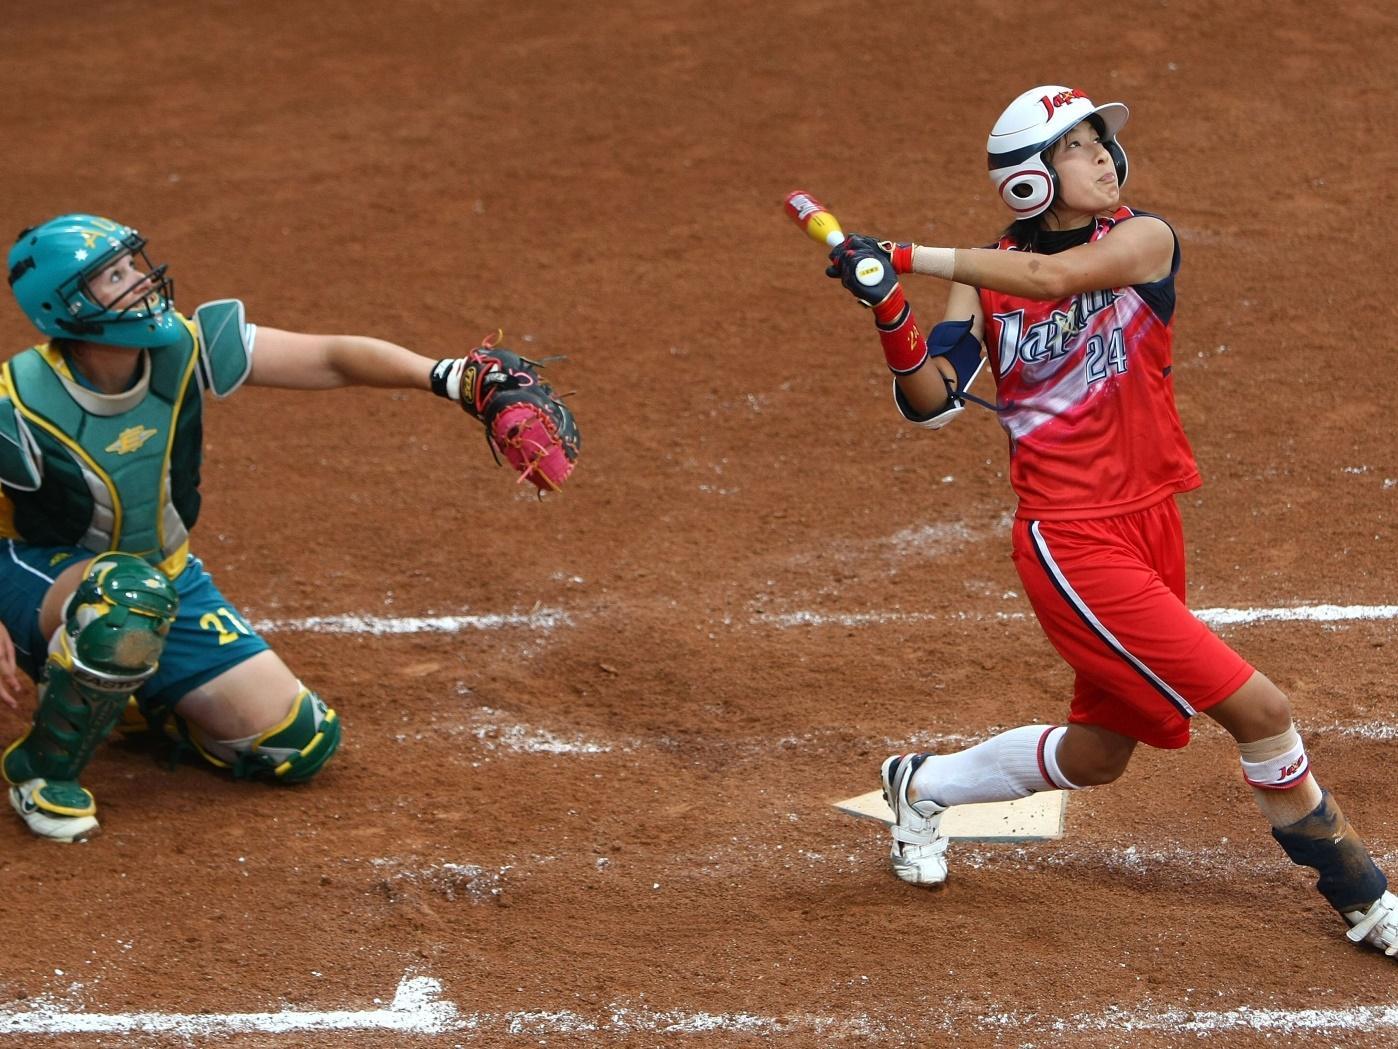 Olimpíadas de Tóquio começam com duelo entre Japão e Austrália no softbol -  20/07/2021 - UOL Olimpíadas